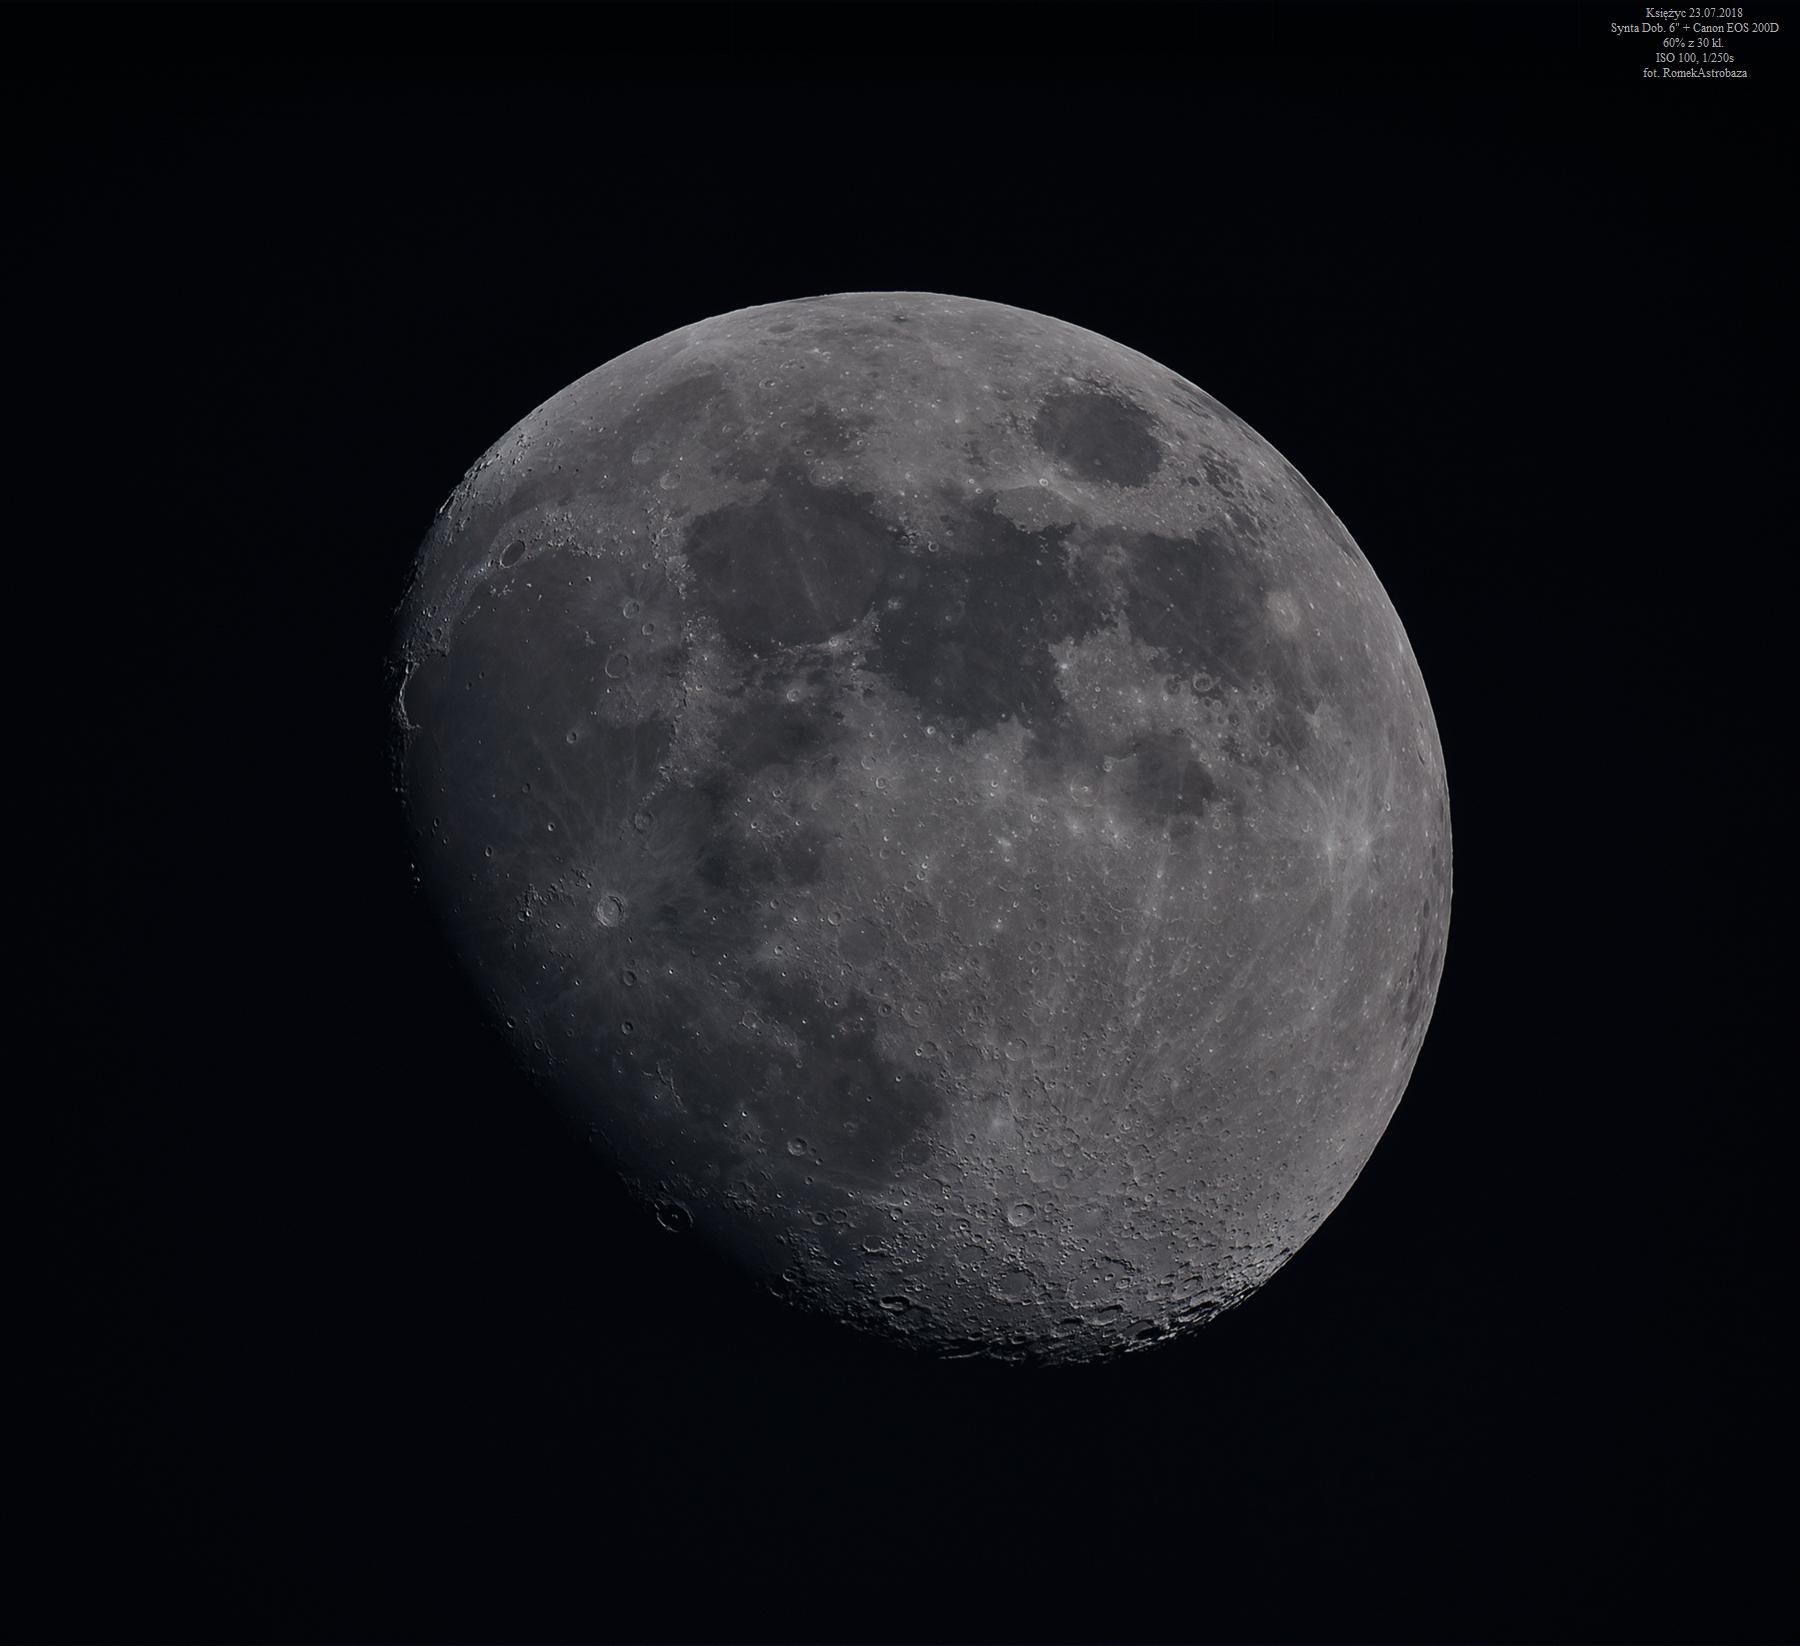 moon23lip.jpg.e069401a509c532c632c14443ebf4af7.jpg